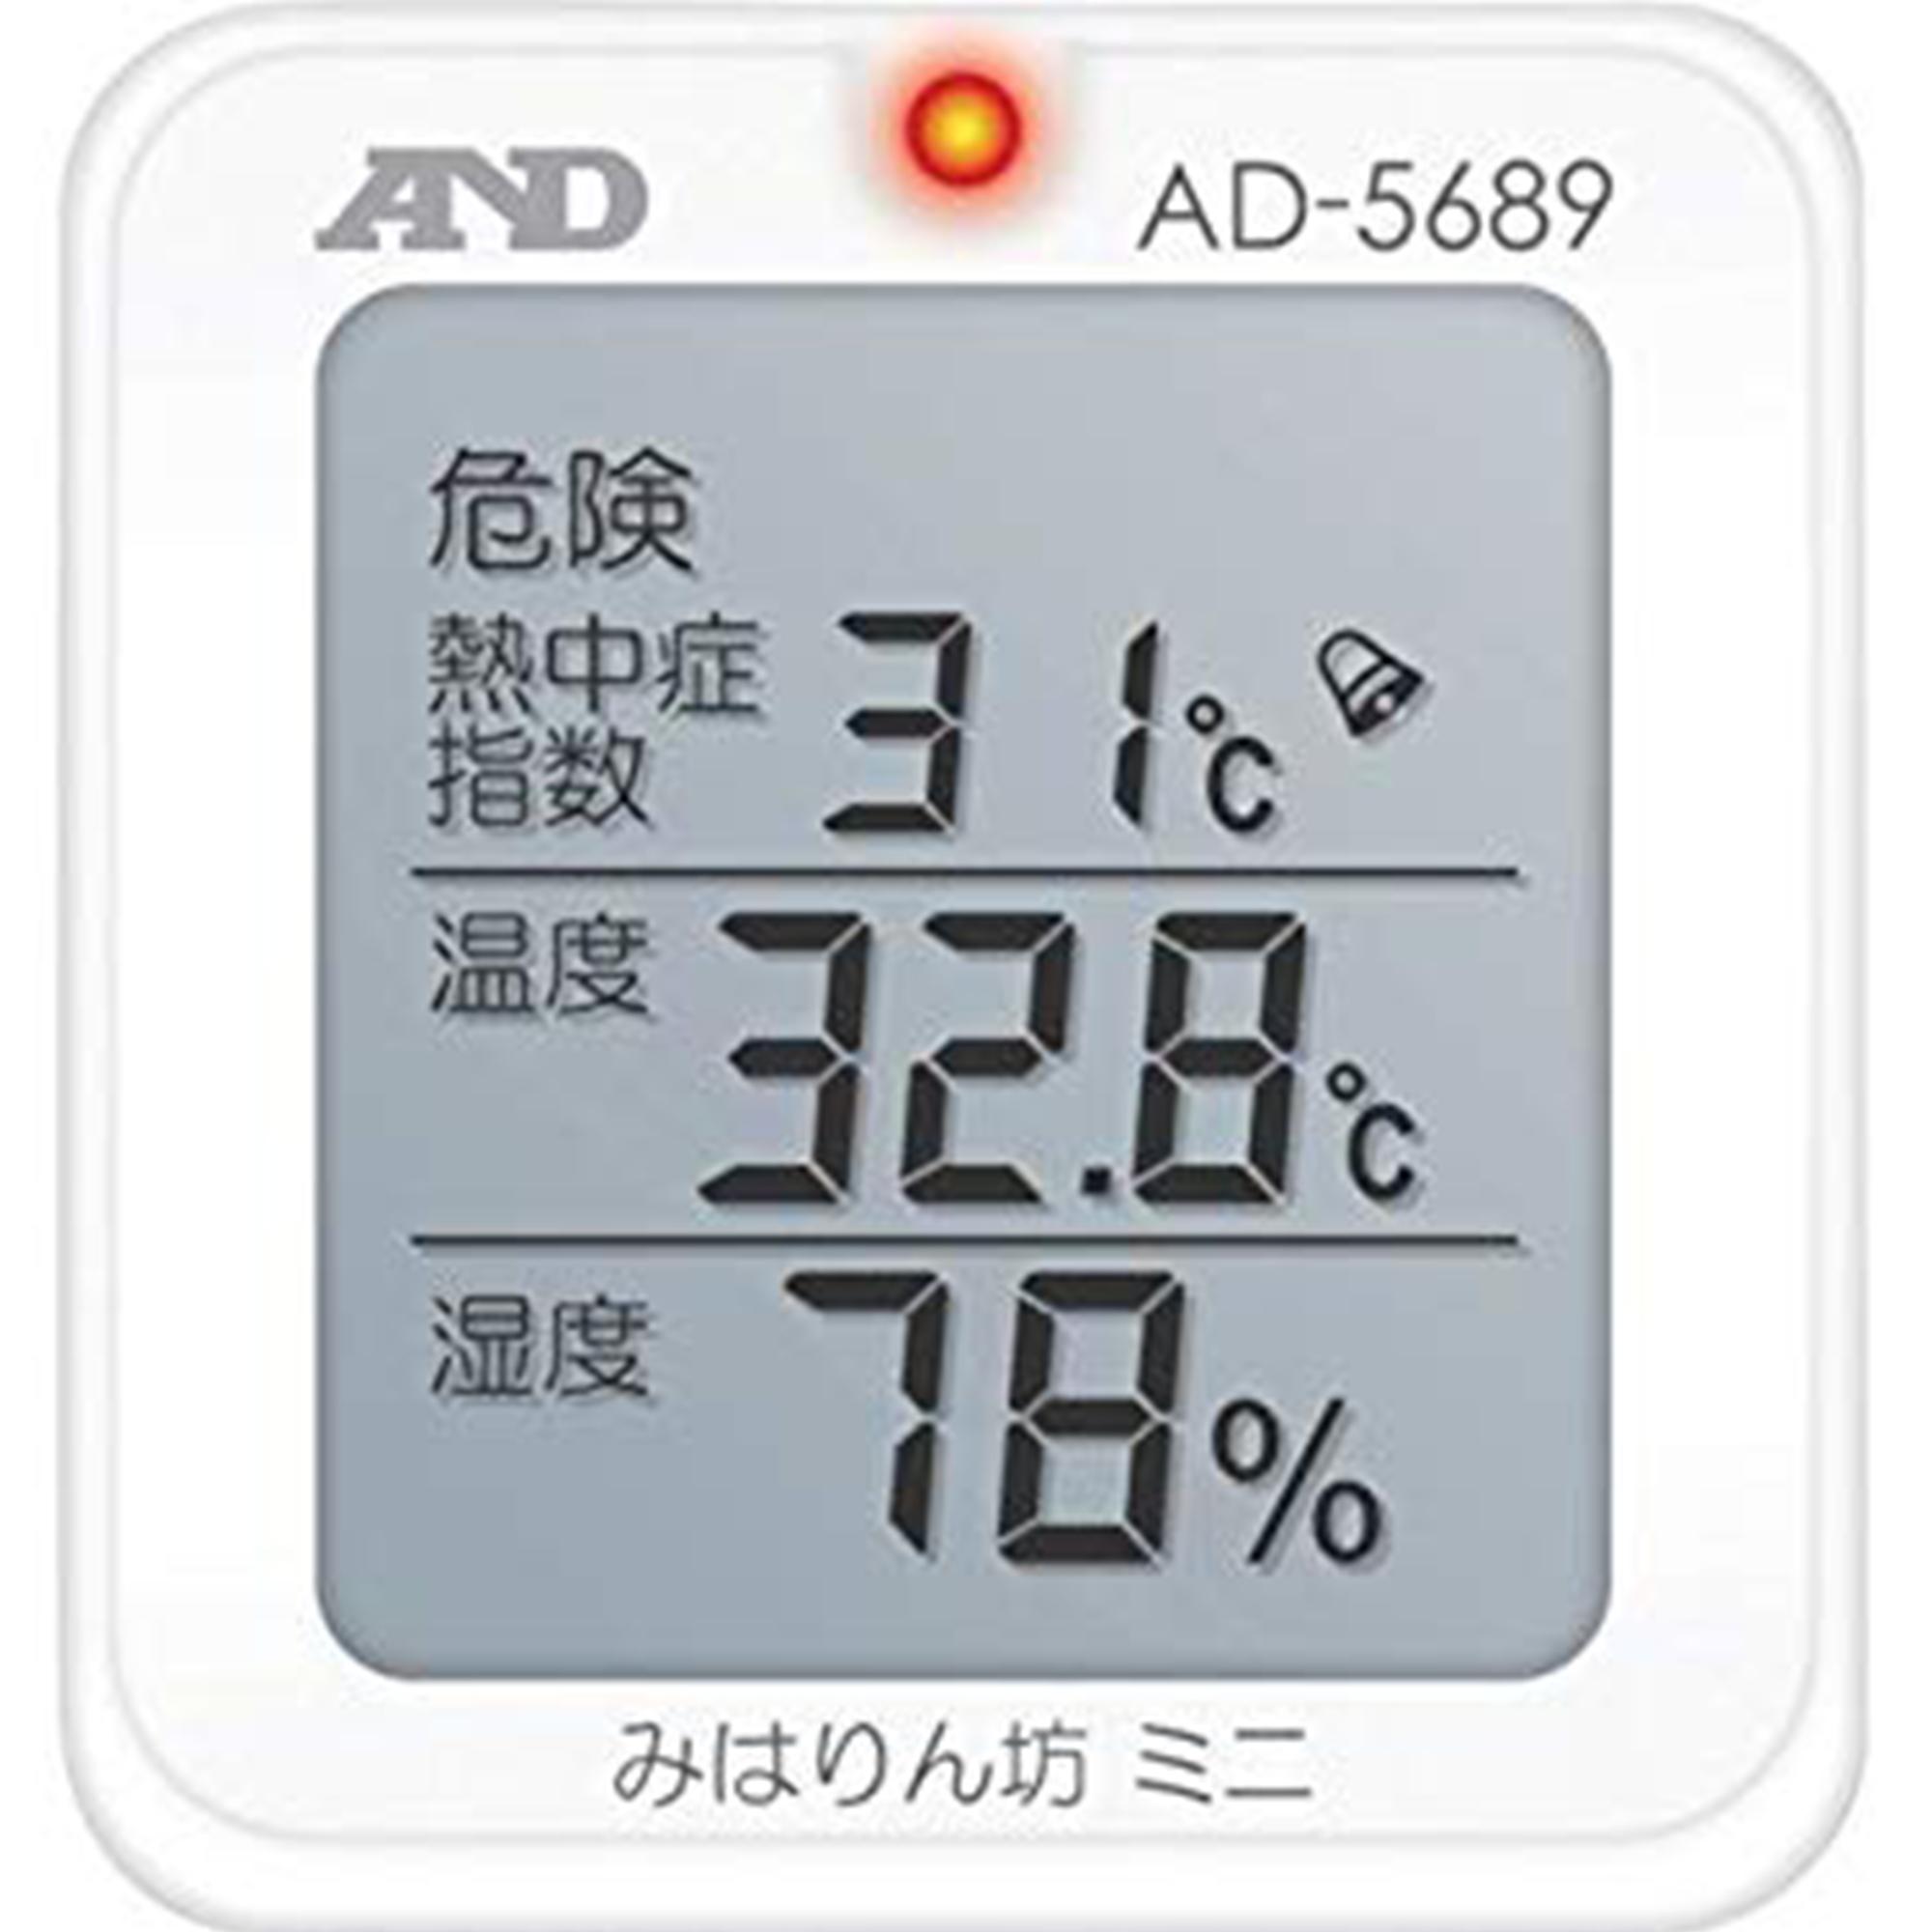 温湿度計 みはりん坊ミニ